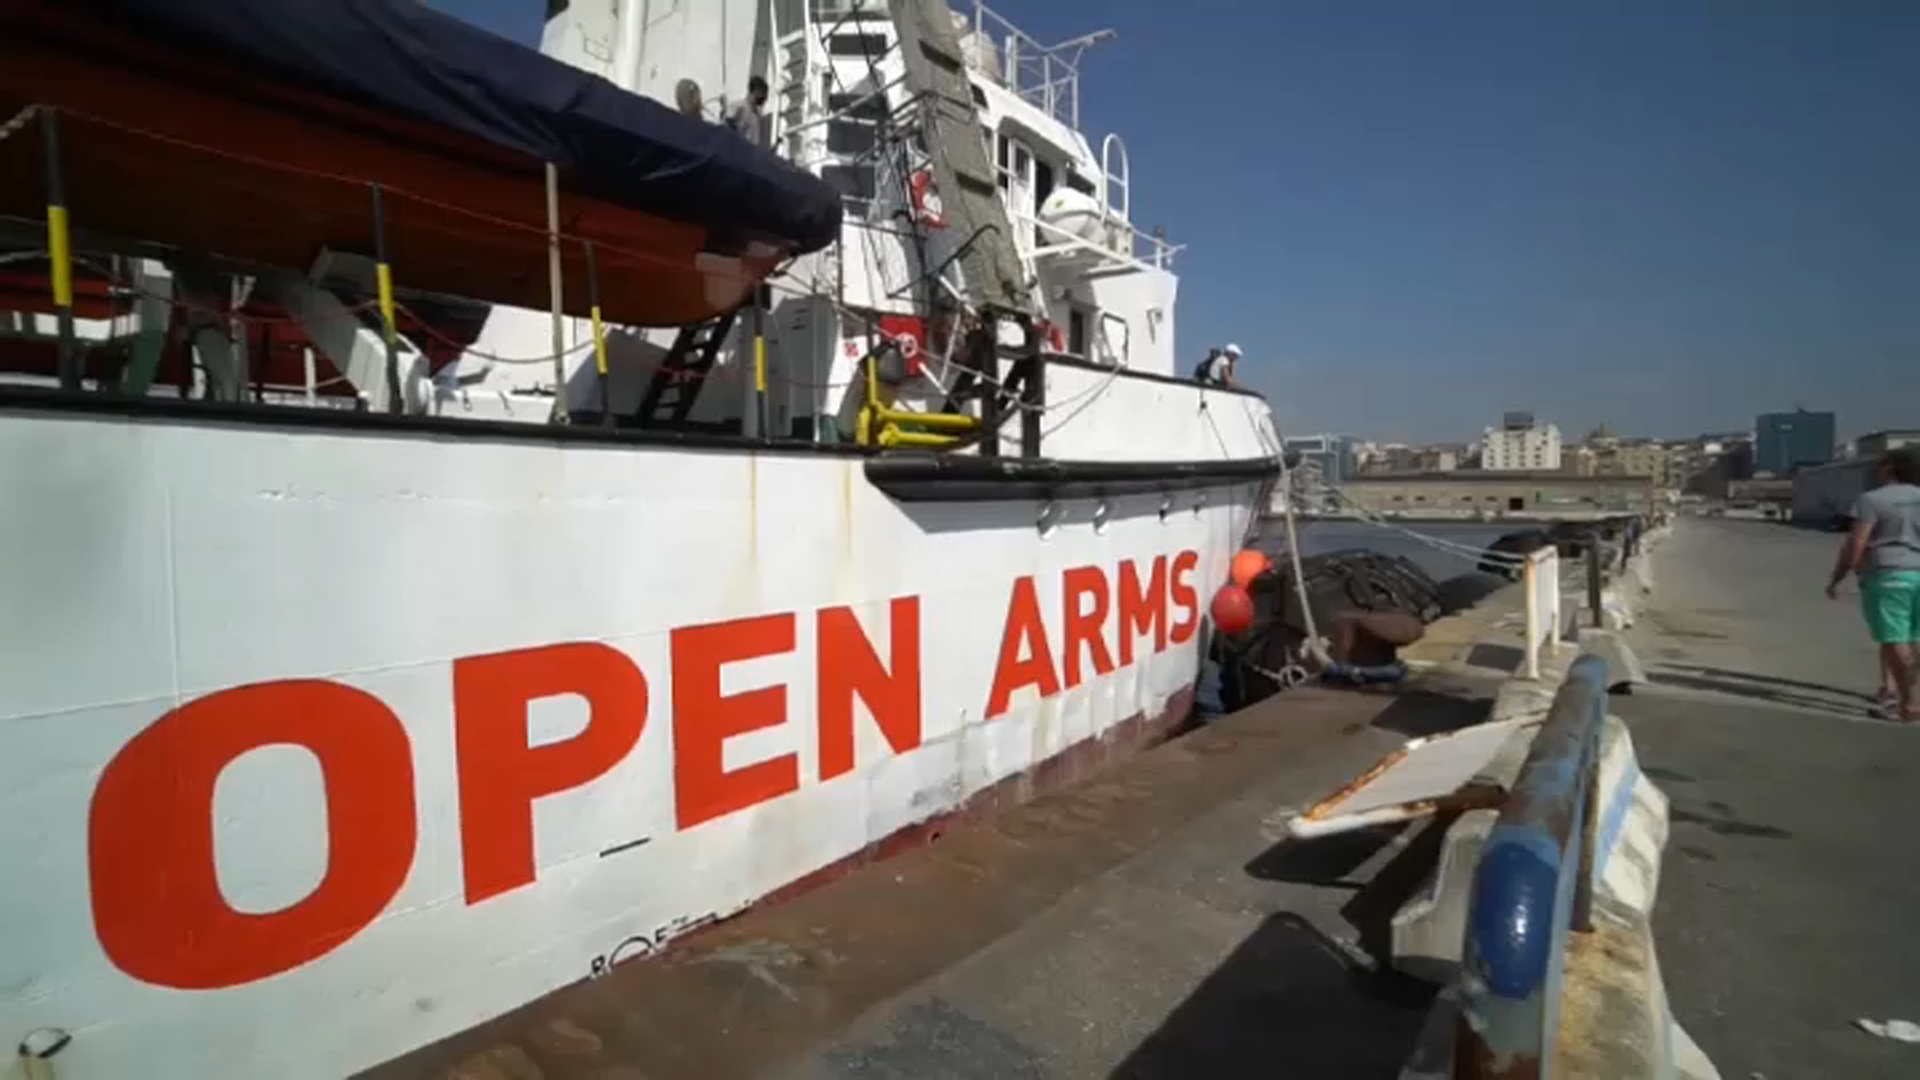 Migranti, la nave Open Arms da sei giorni nel Mediterraneo